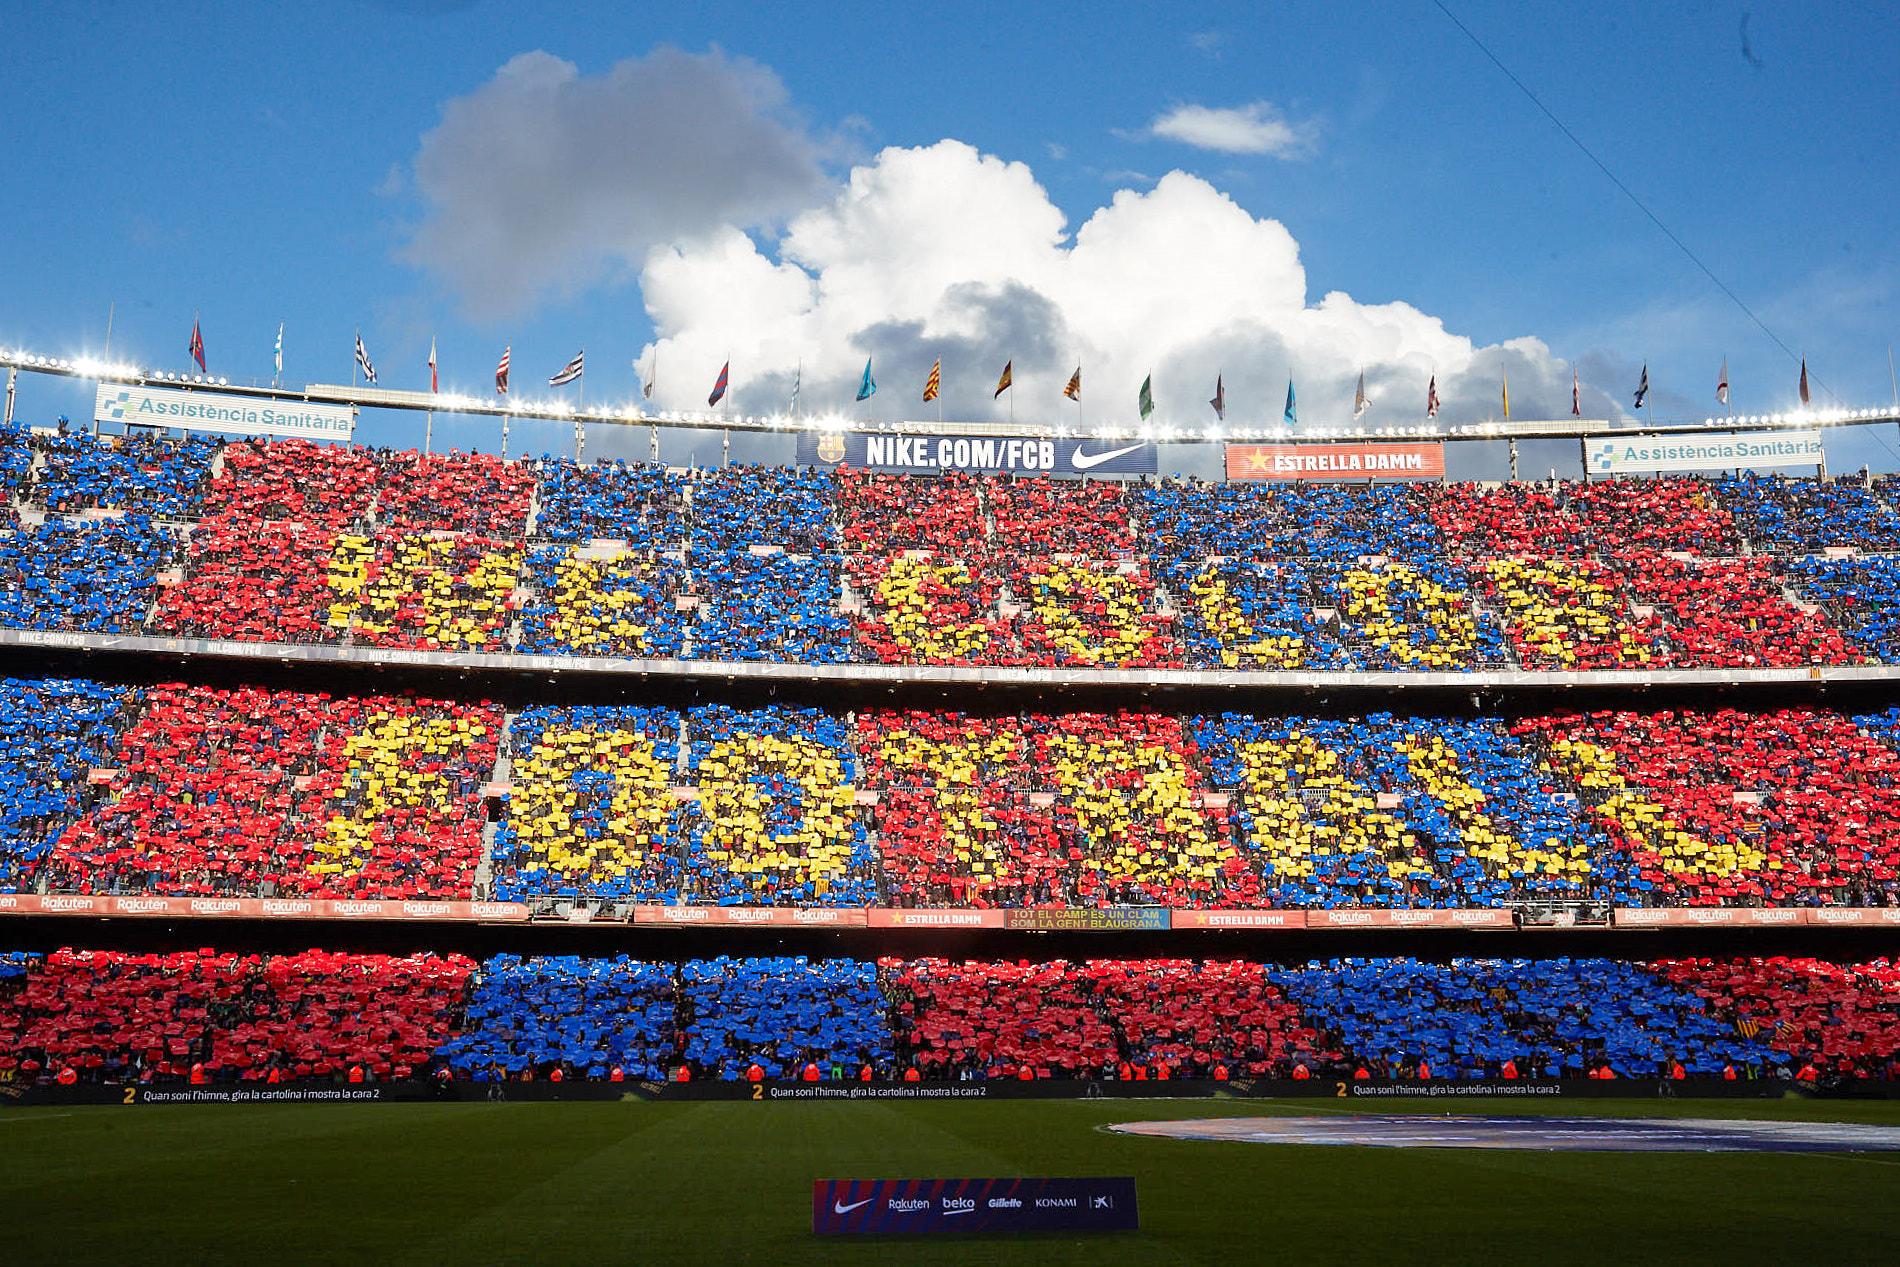 28/10/18. FC Barcelona 18/19  contra el R. Madrid 18/19. Jornada 10